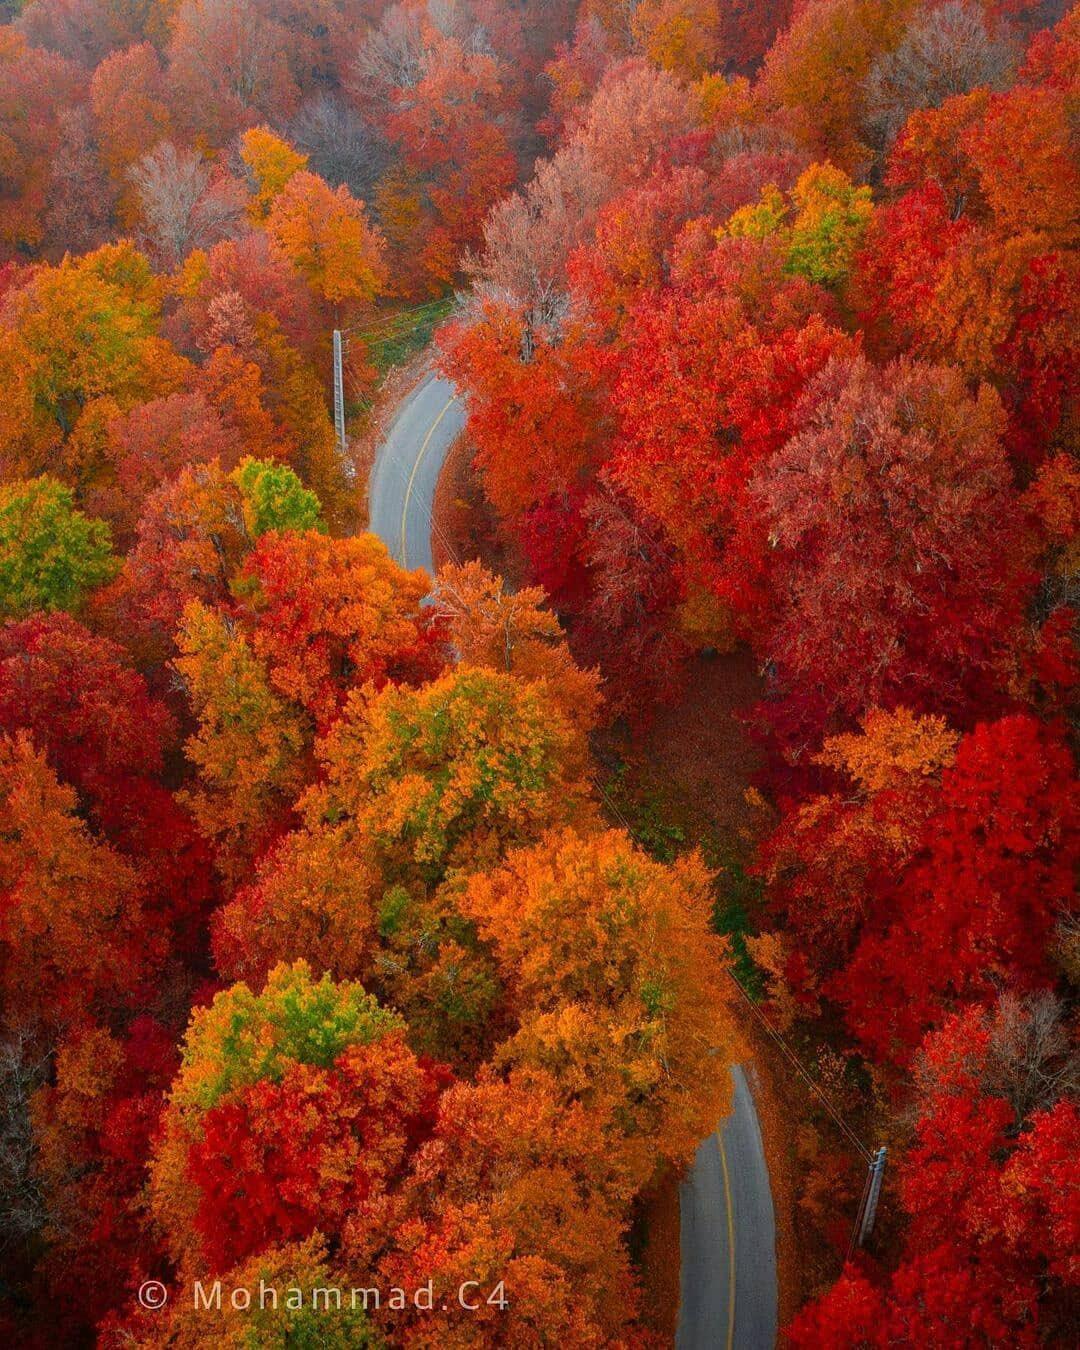 تصویری شگفتانگیز از پاییز در جنگلهای دراز نو